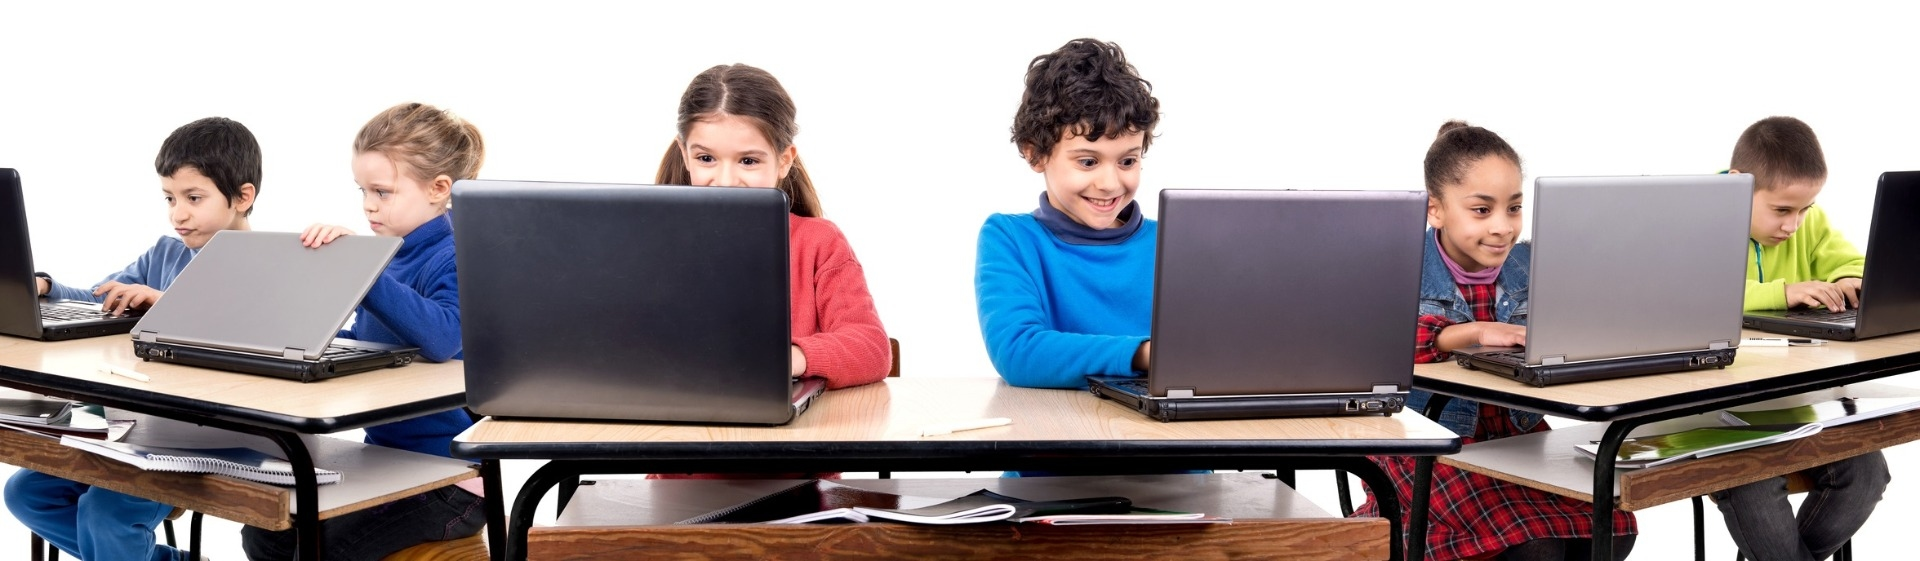 Glückliche Schüler im Unterricht mit ihren Laptops